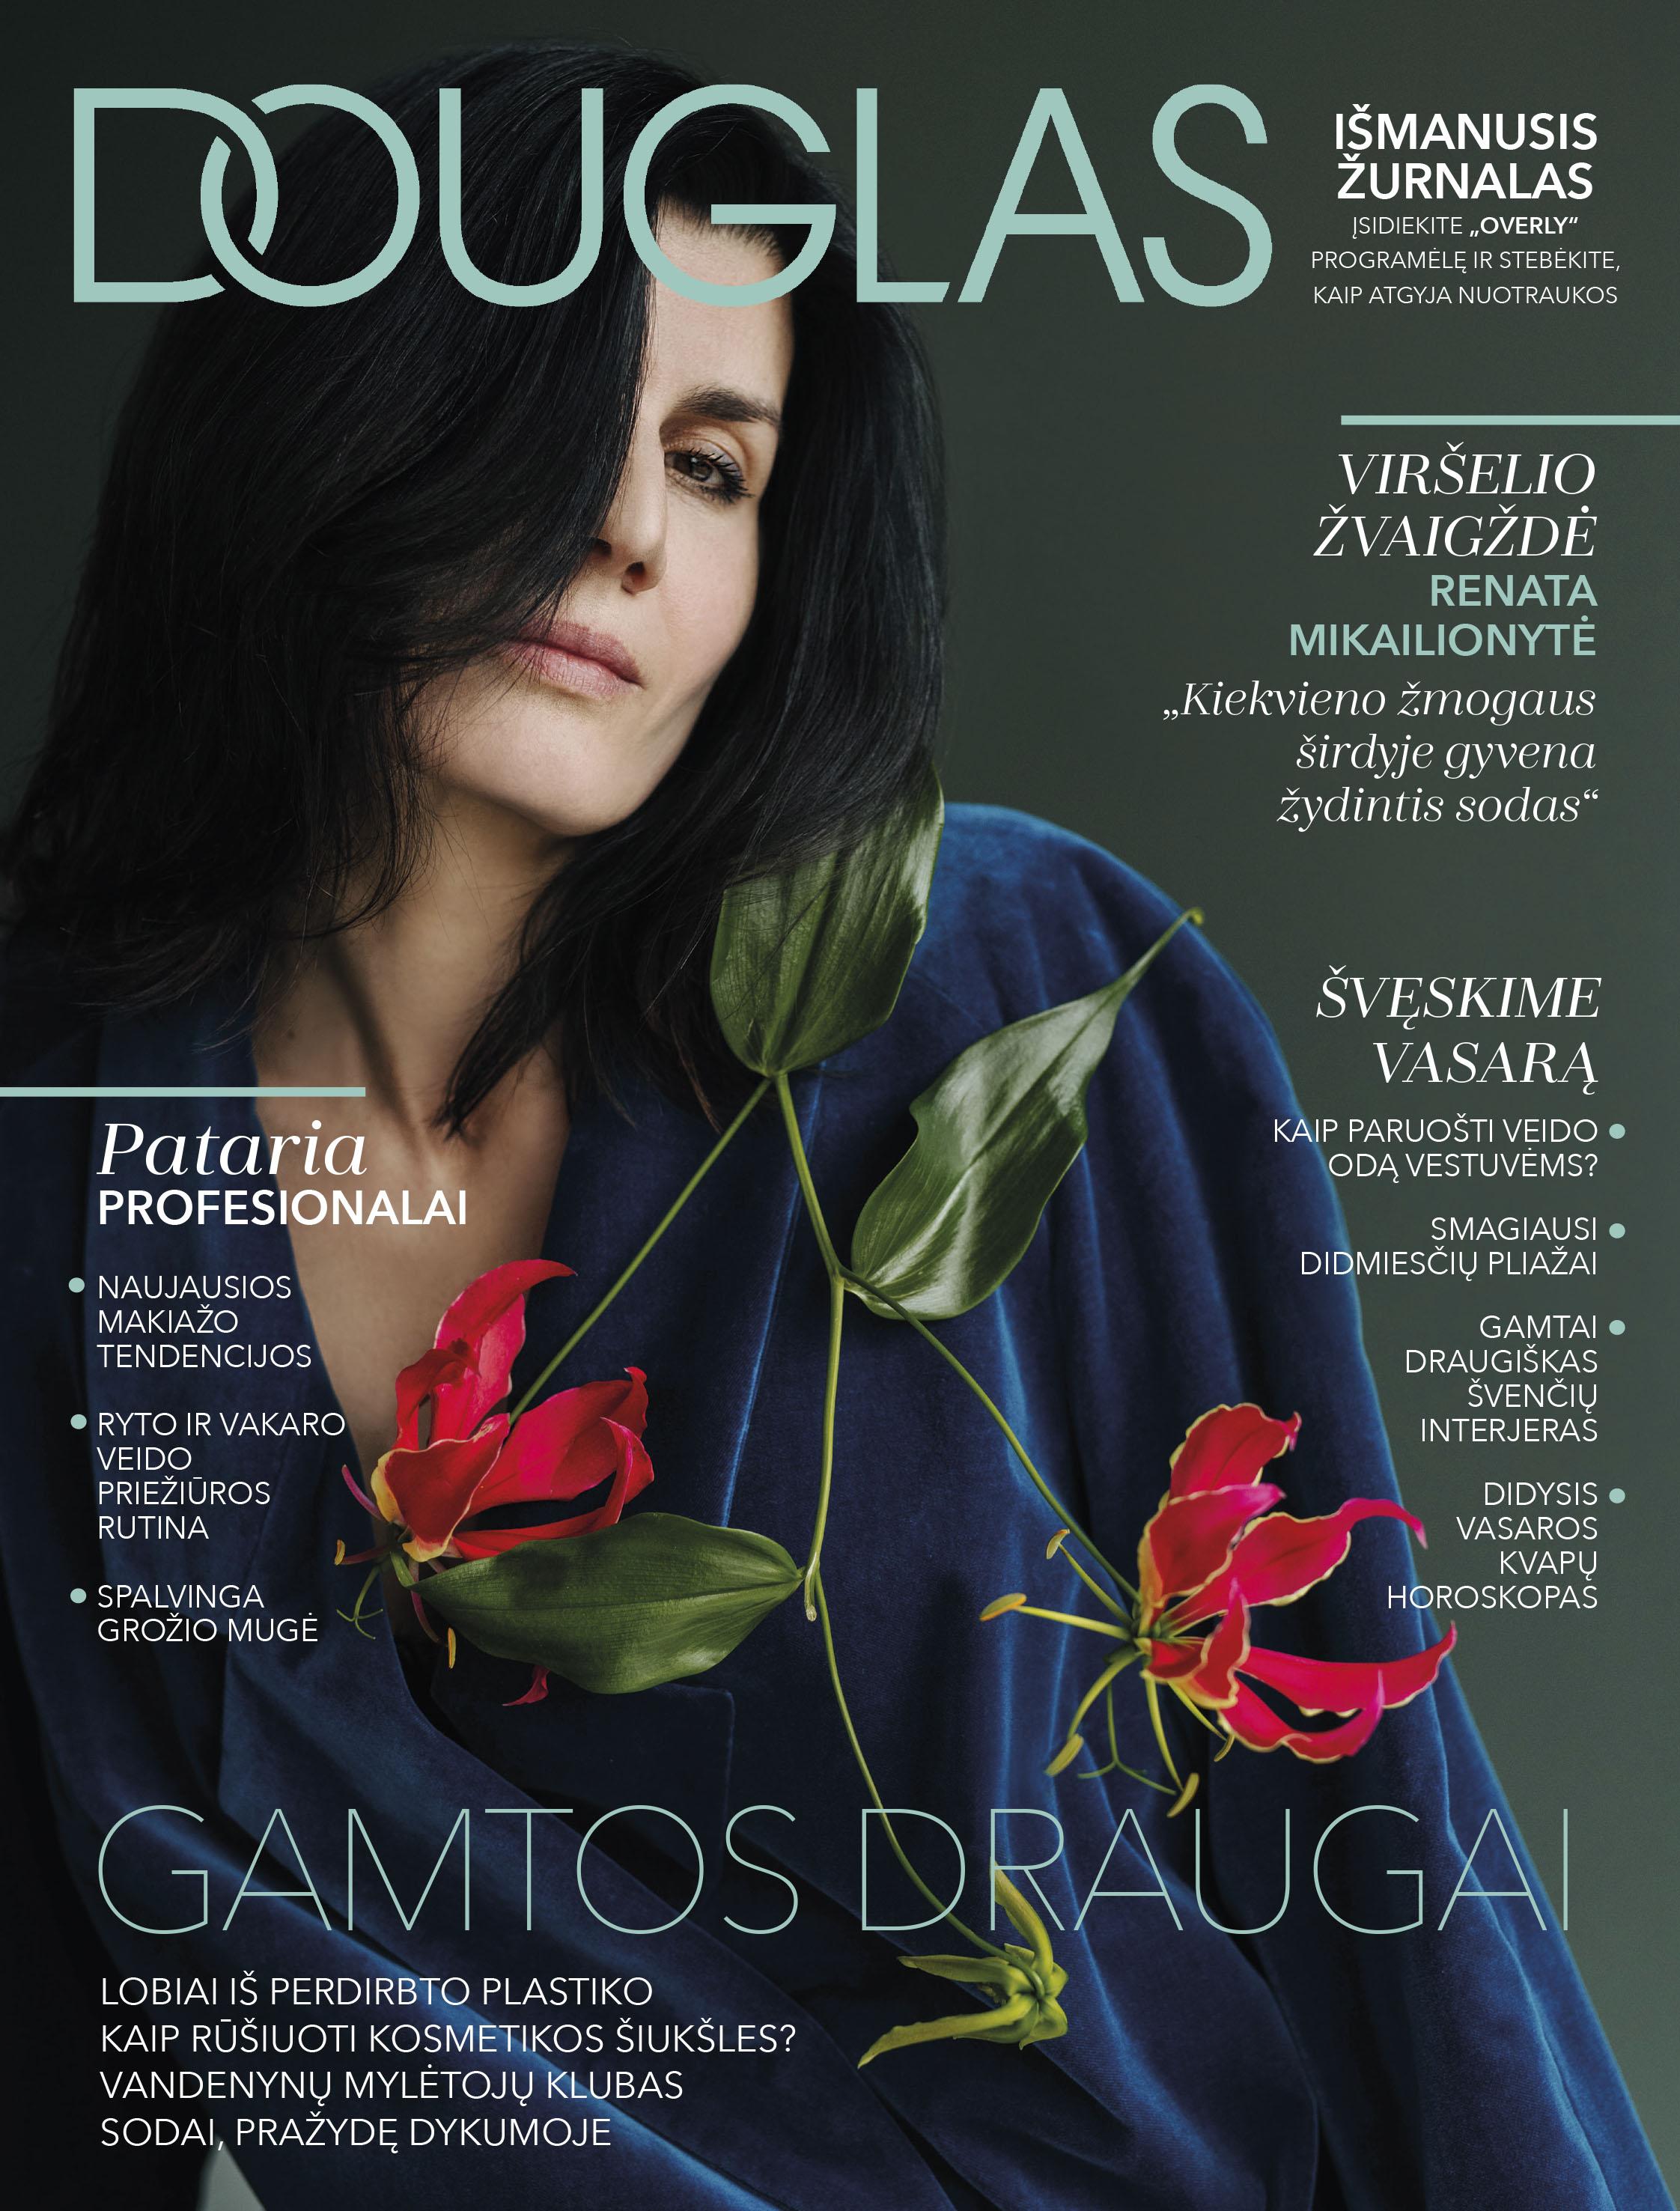 Douglas žurnalas, 2021 pavasaris/vasara